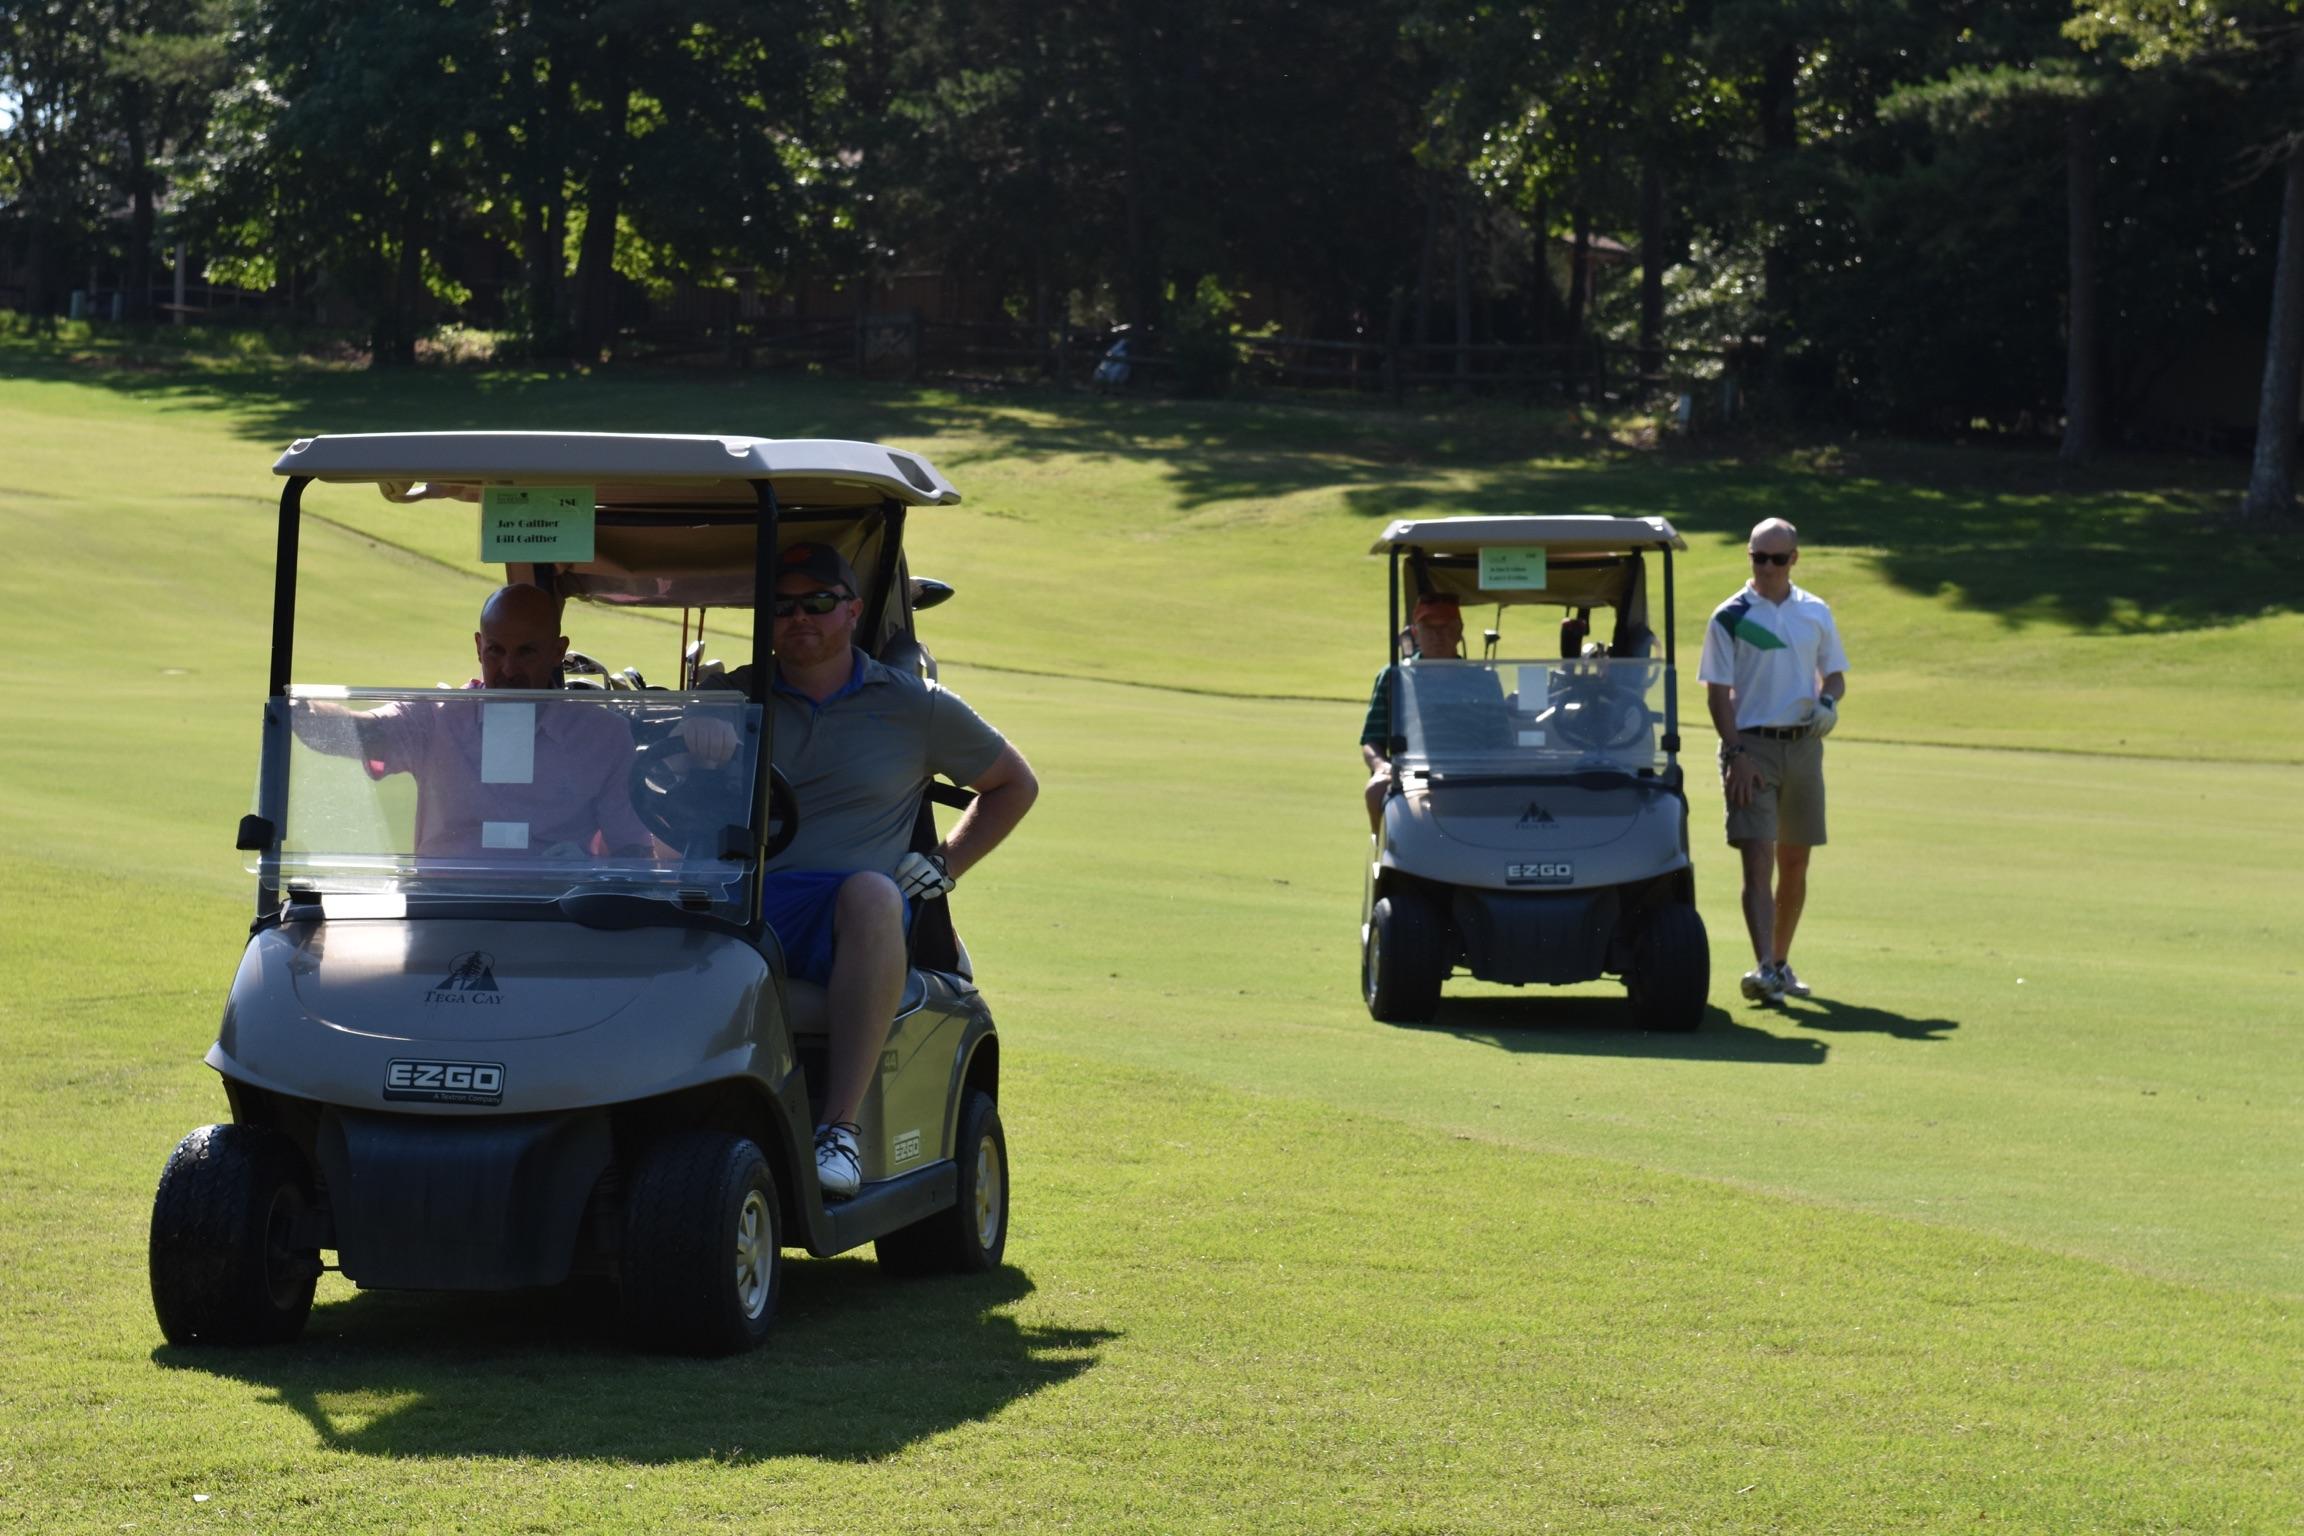 The 5th Annual TEC Dowling Memorial Golf Tournament